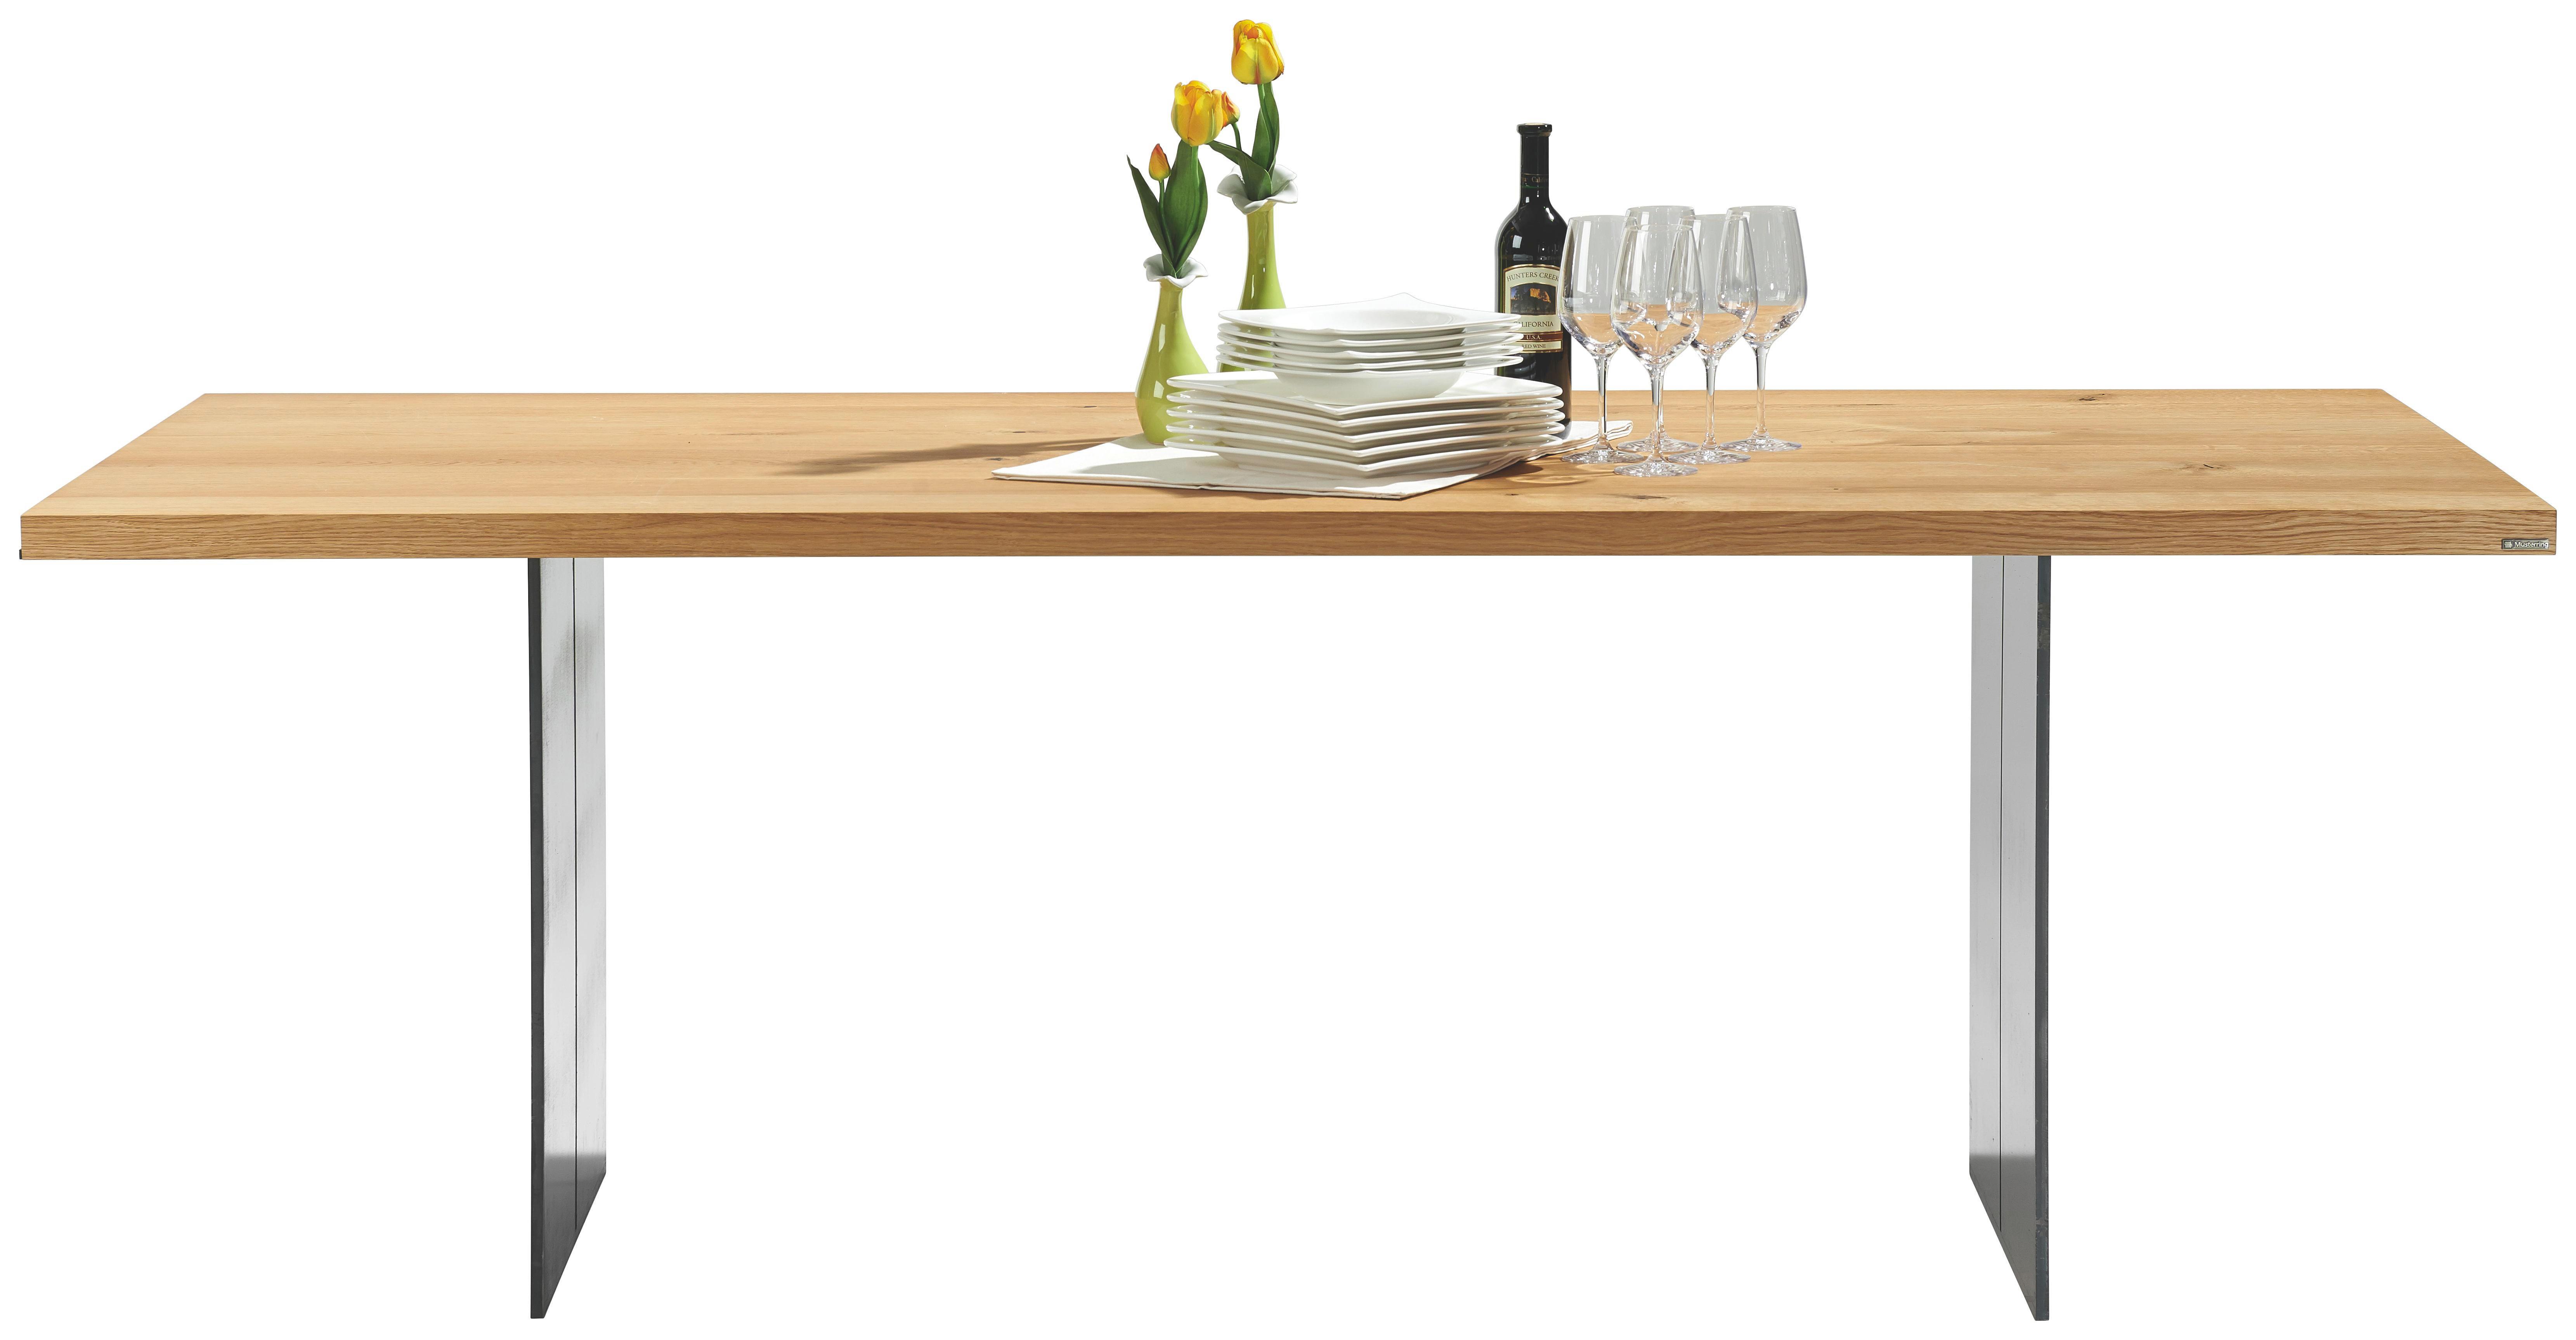 ESSTISCH Asteiche massiv rechteckig Eichefarben, Silberfarben - Eichefarben/Silberfarben, Design, Holz/Metall (220/77/100cm) - MUSTERRING